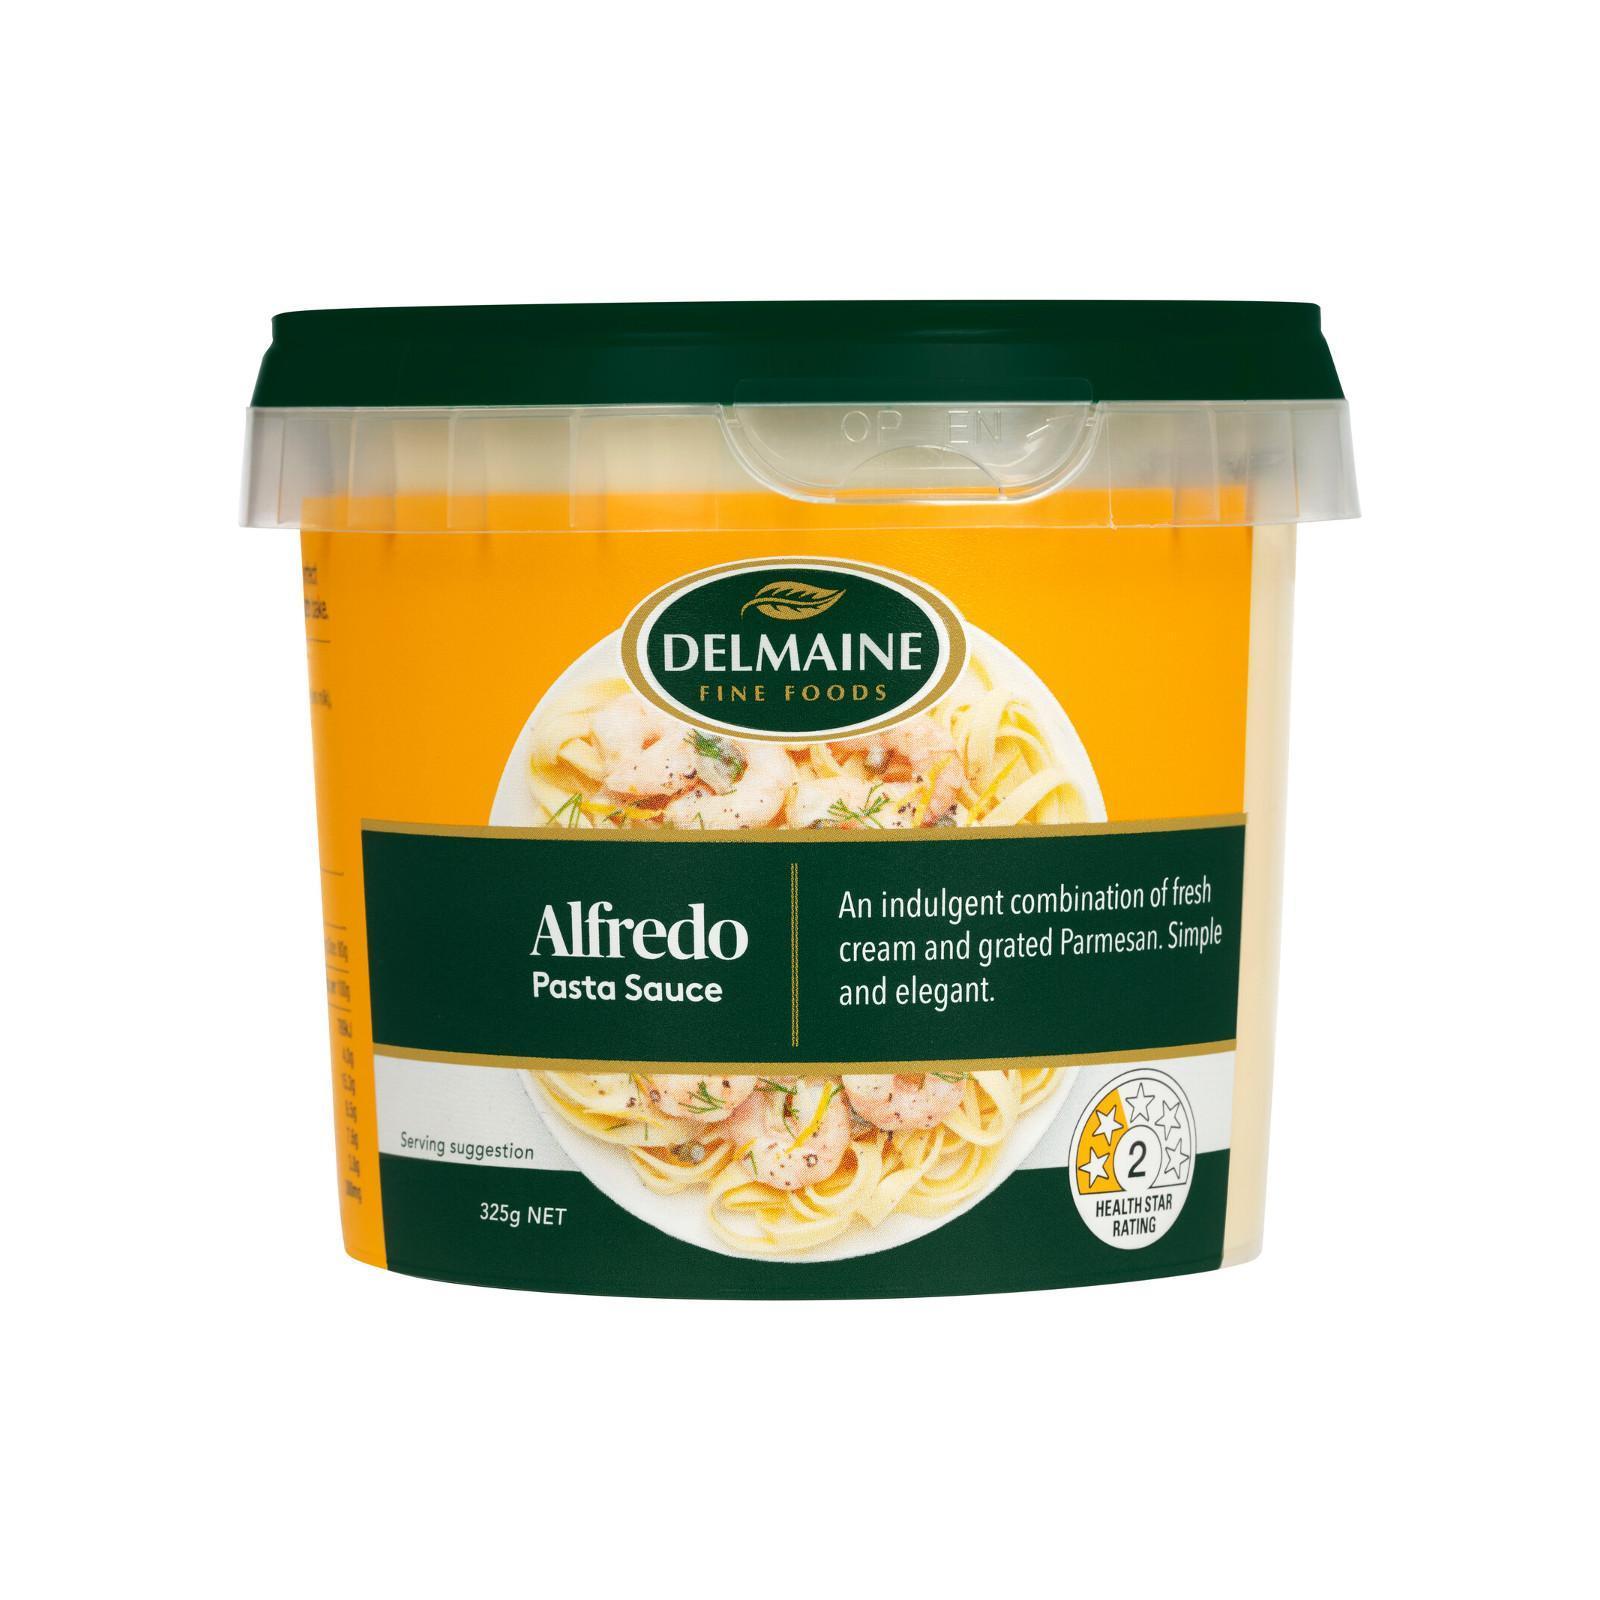 Delmaine Premium Alfredo Fresh Pasta Sauce